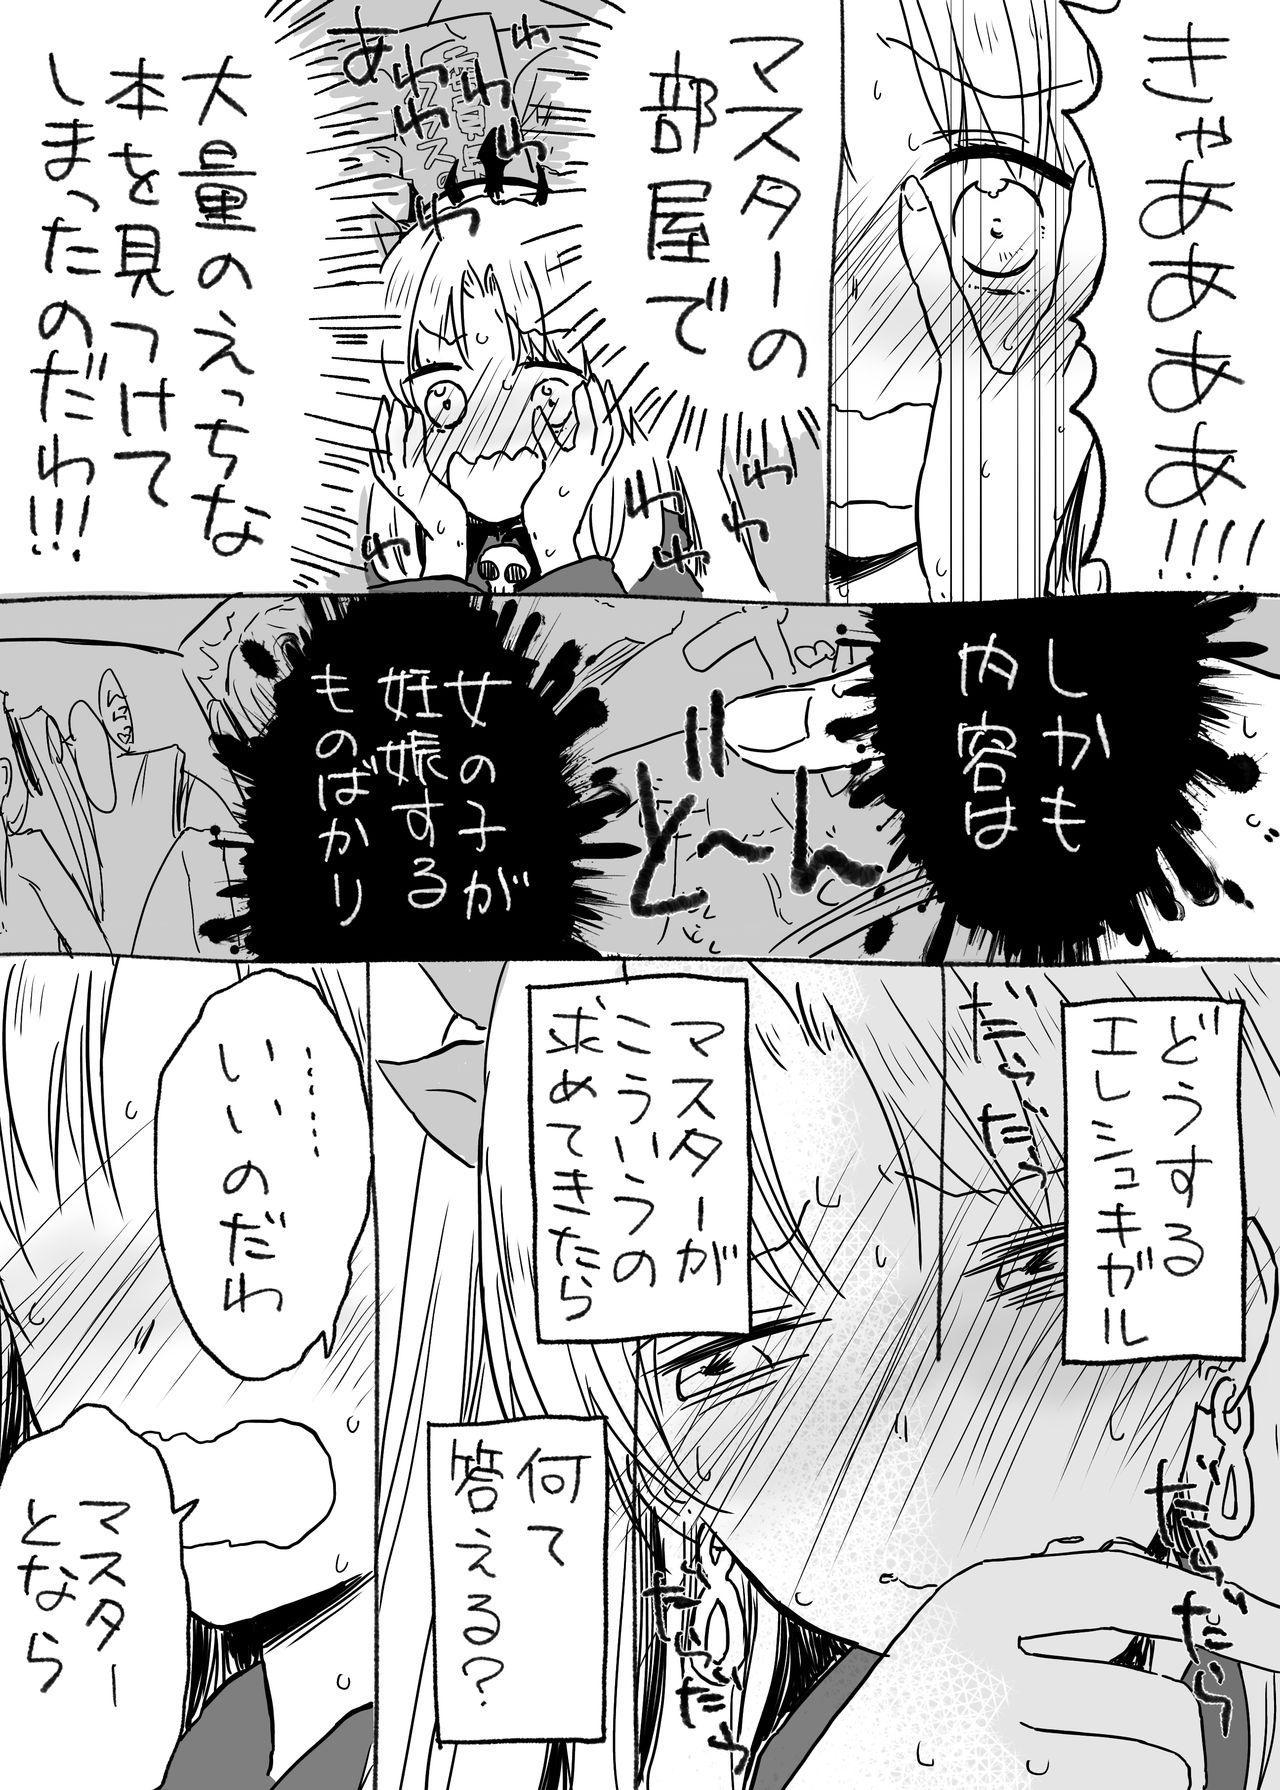 Uchi no Servant ni Haramasex shitaitte Itte mita 6